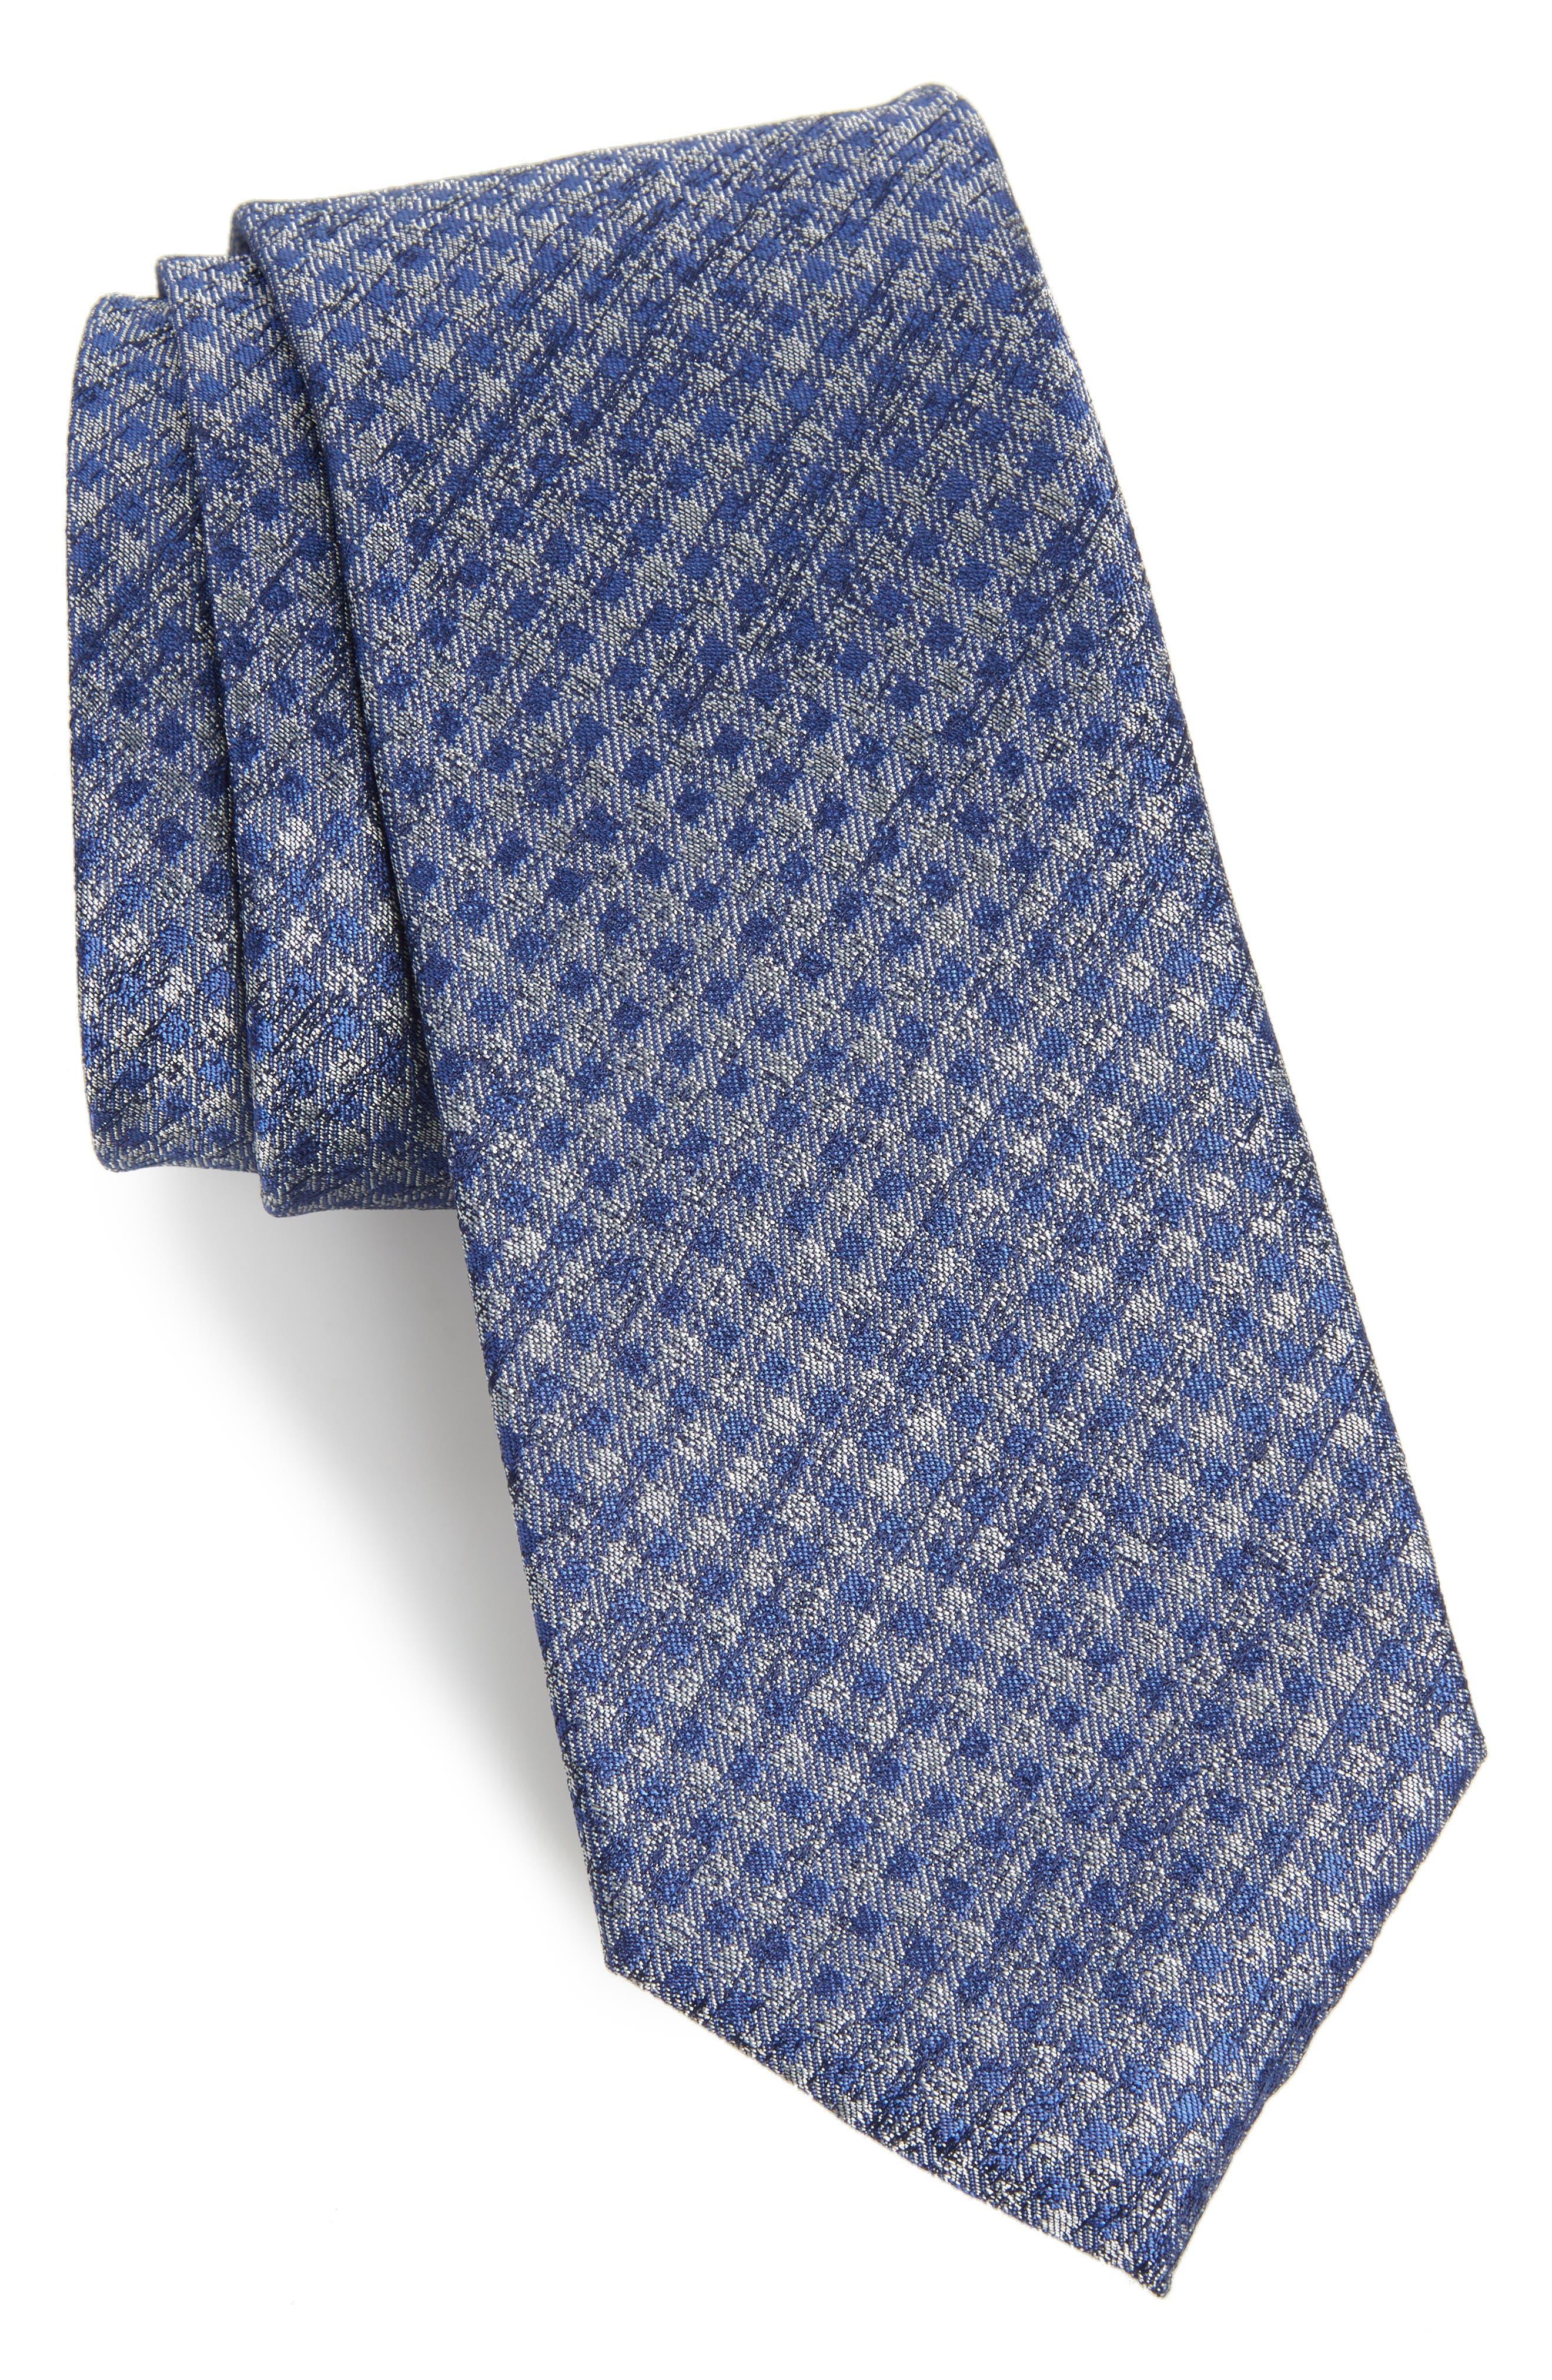 Main Image - Calibrate Porter Check Silk Tie